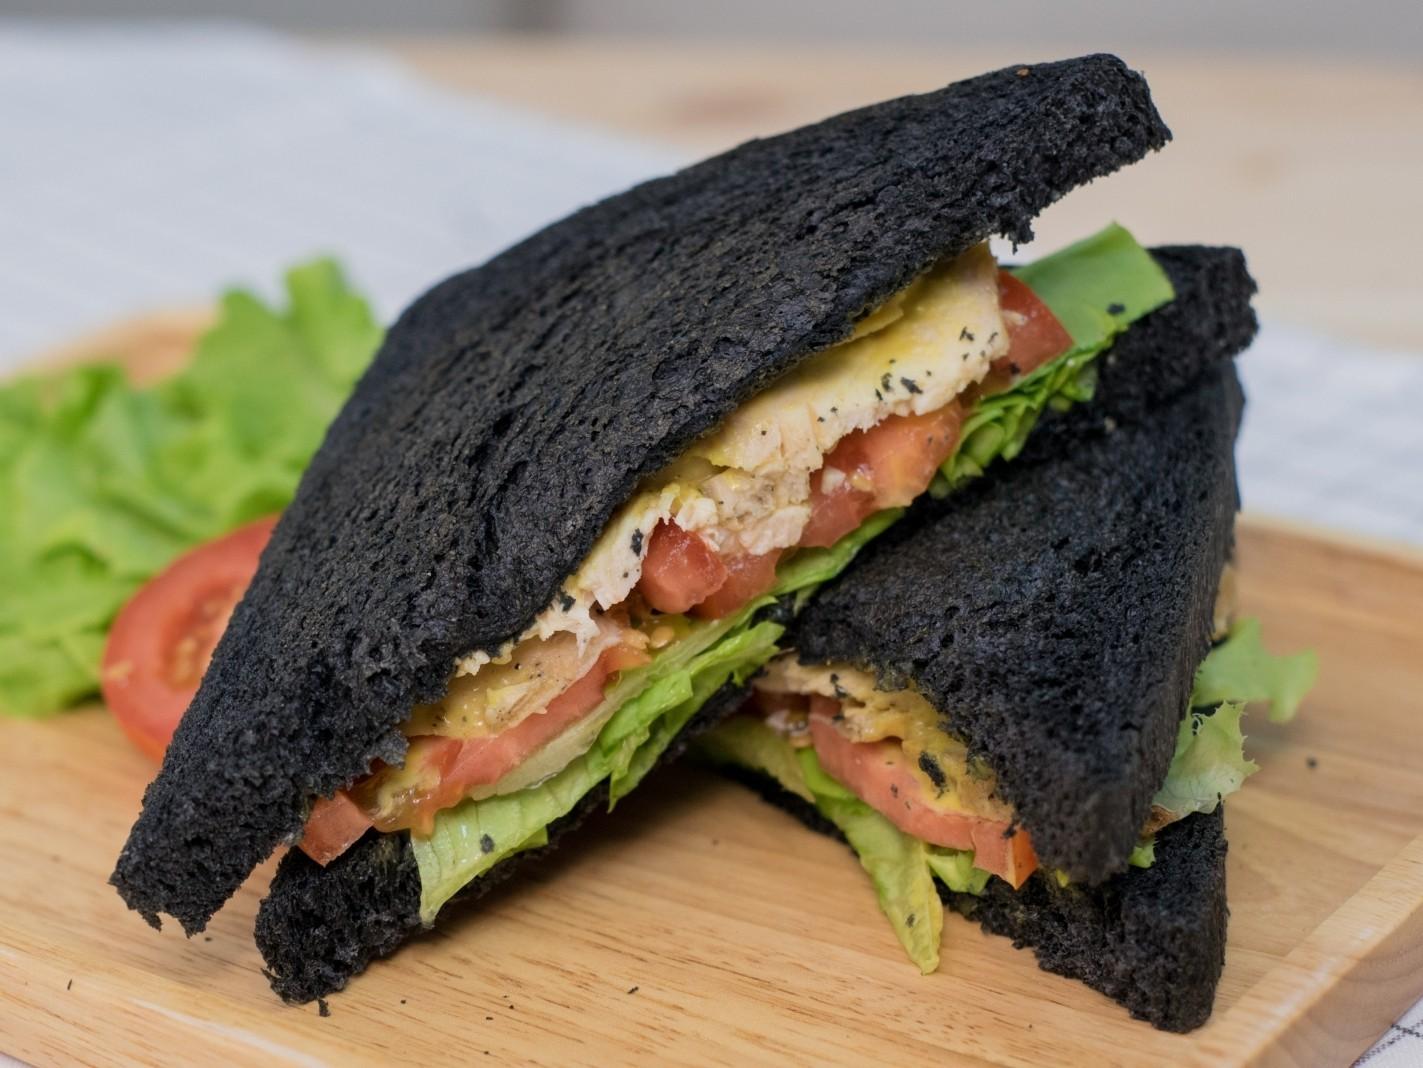 แซนด์วิชอกไก่ซอสฮันนี่มัสตาร์ด